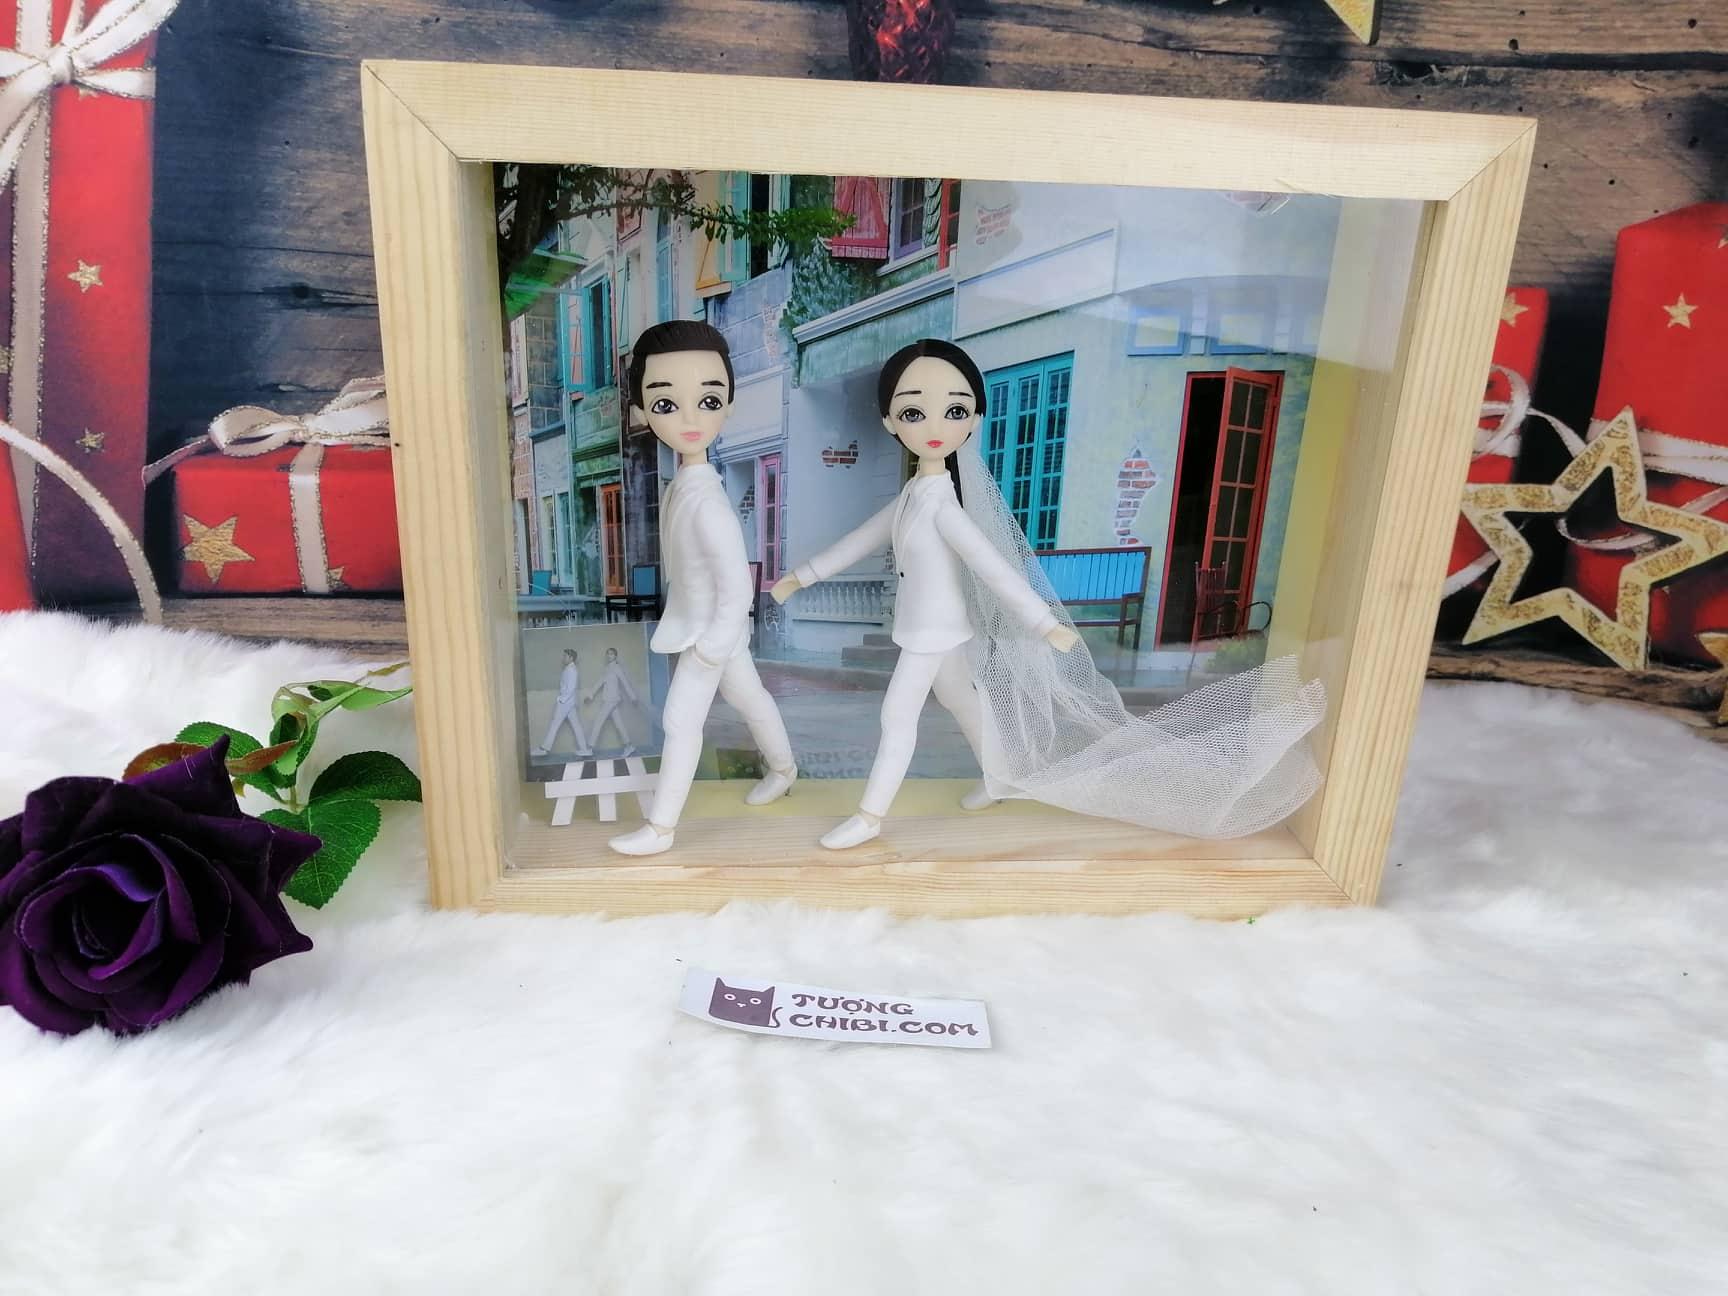 Khung tranh tượng chibi, khung tranh 3D, khung tranh đám cưới